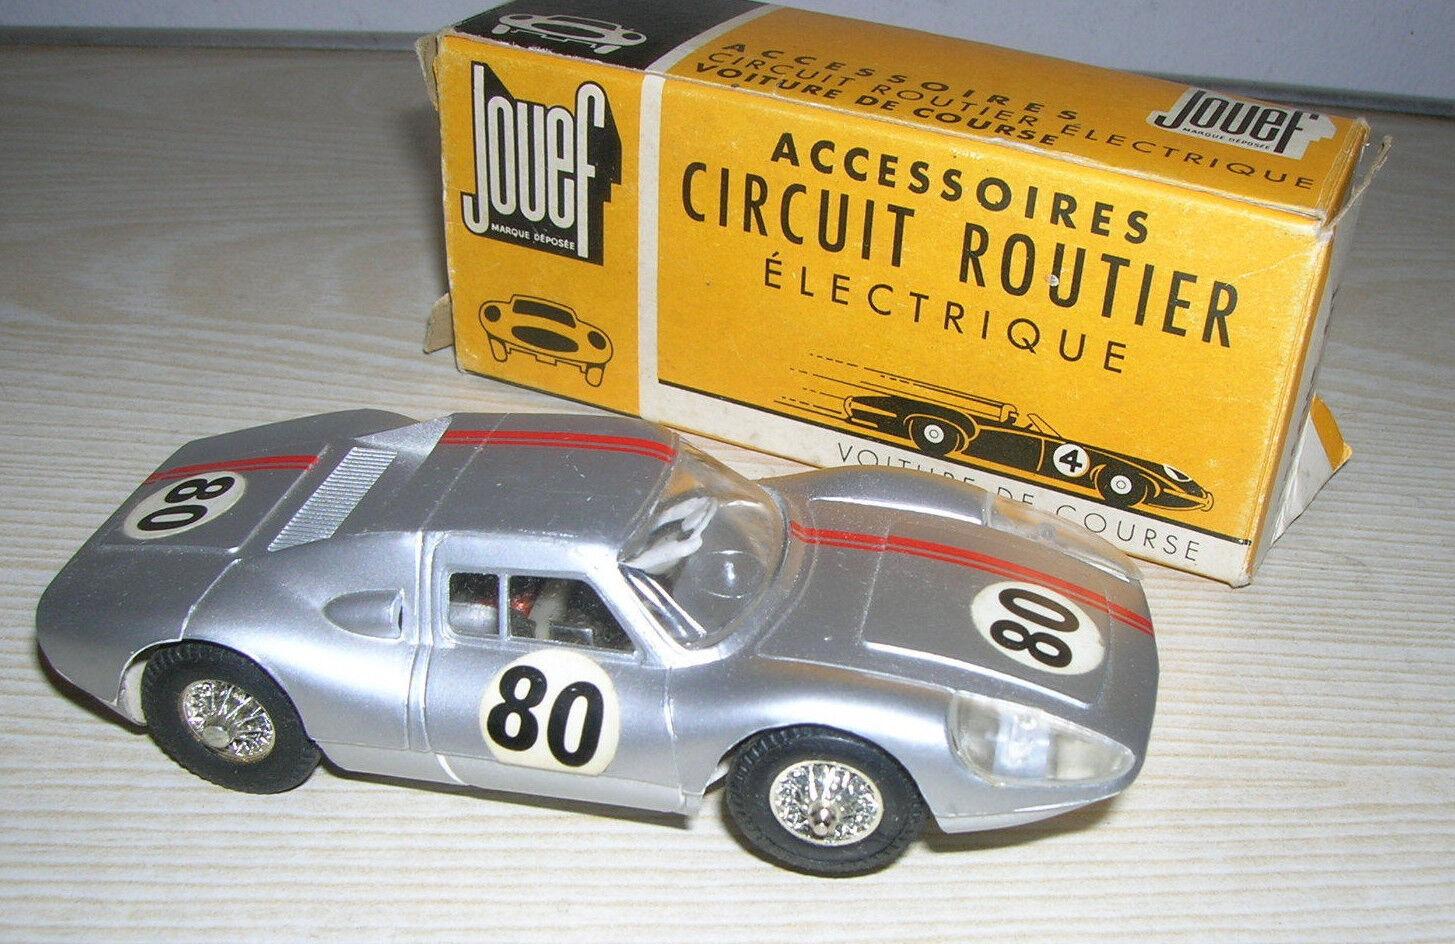 Jahr SMasse voiture - Jouef SMasse voiture 55801 PORSCHE GT -  near mint Box  60er Jahre